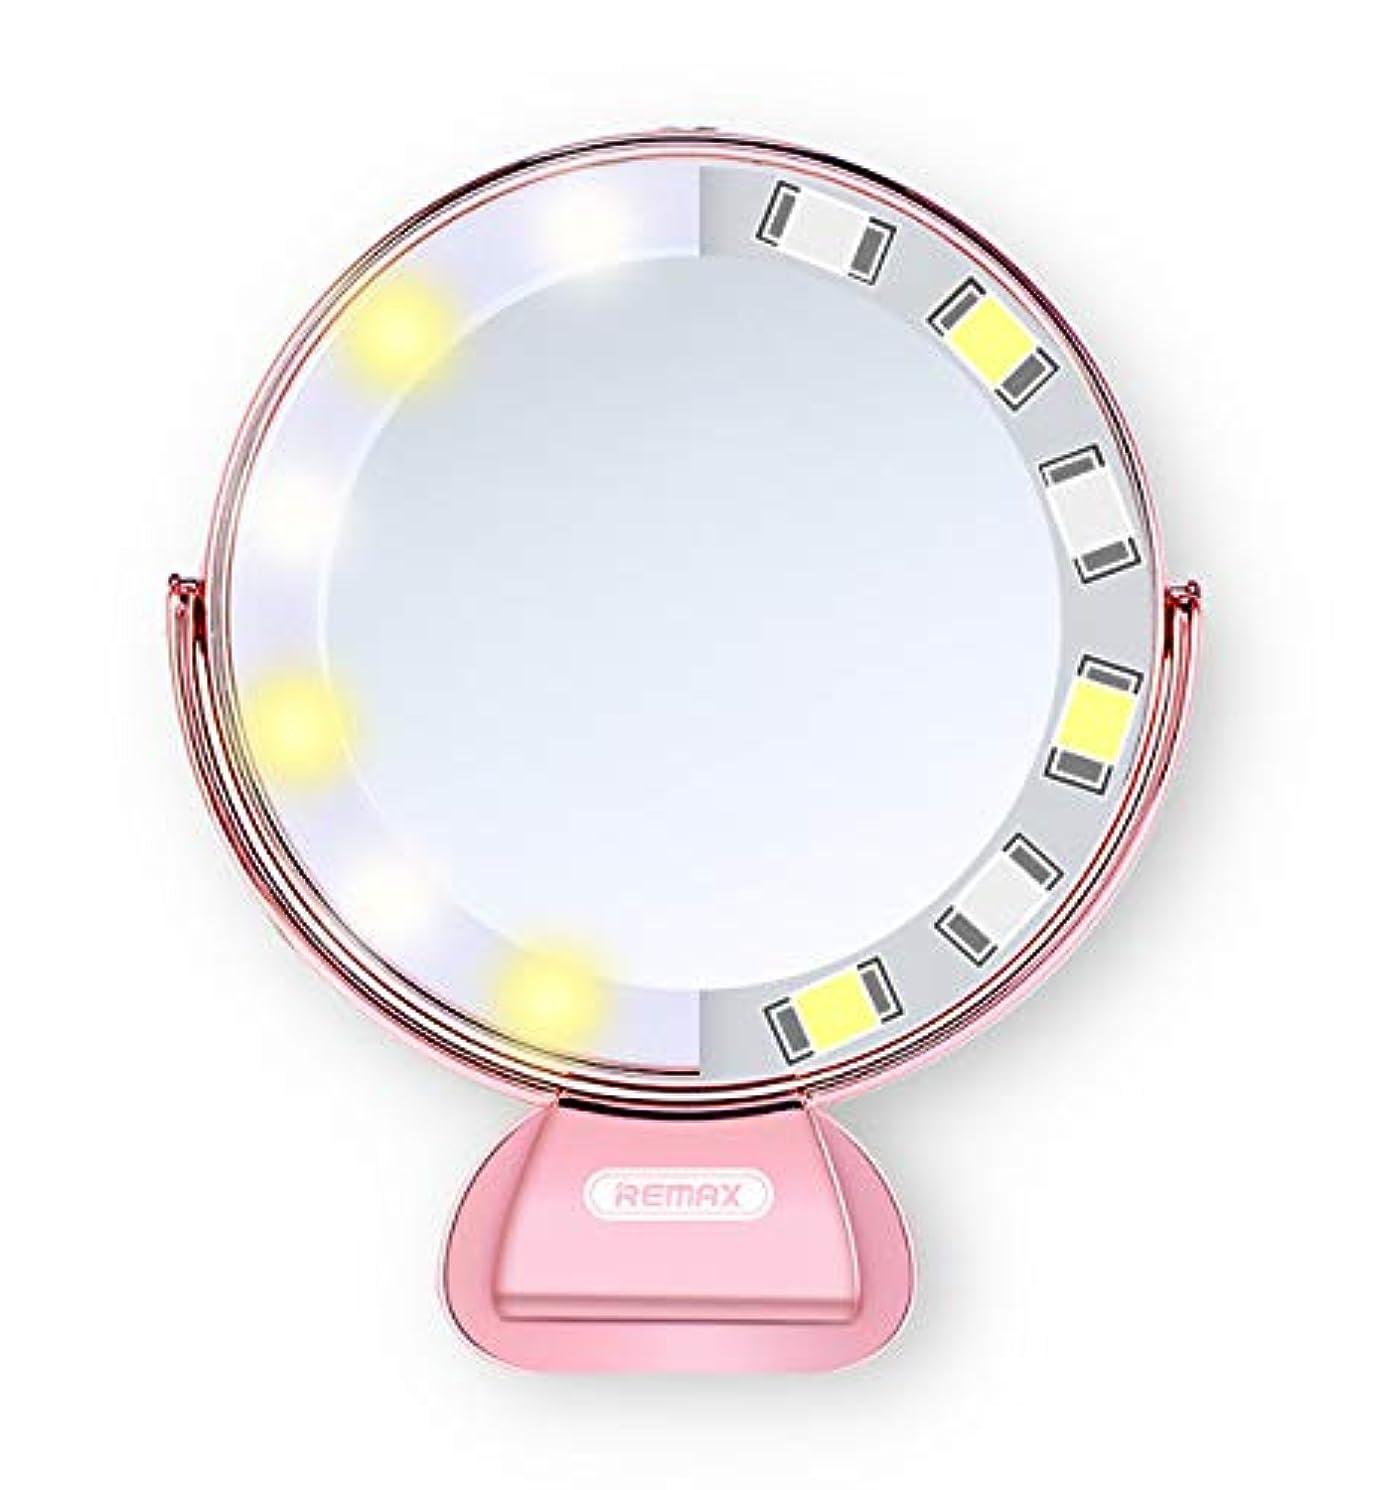 拍車過激派運動する自撮りライト 化粧鏡 ライブ配信 LED ホワイト 瞳が光る キャッチライト キラキラ 充電式 フォトジェニック インスタ映え ナイトプール 撮影アイテム リングライト 光る SNS インスタグラム …